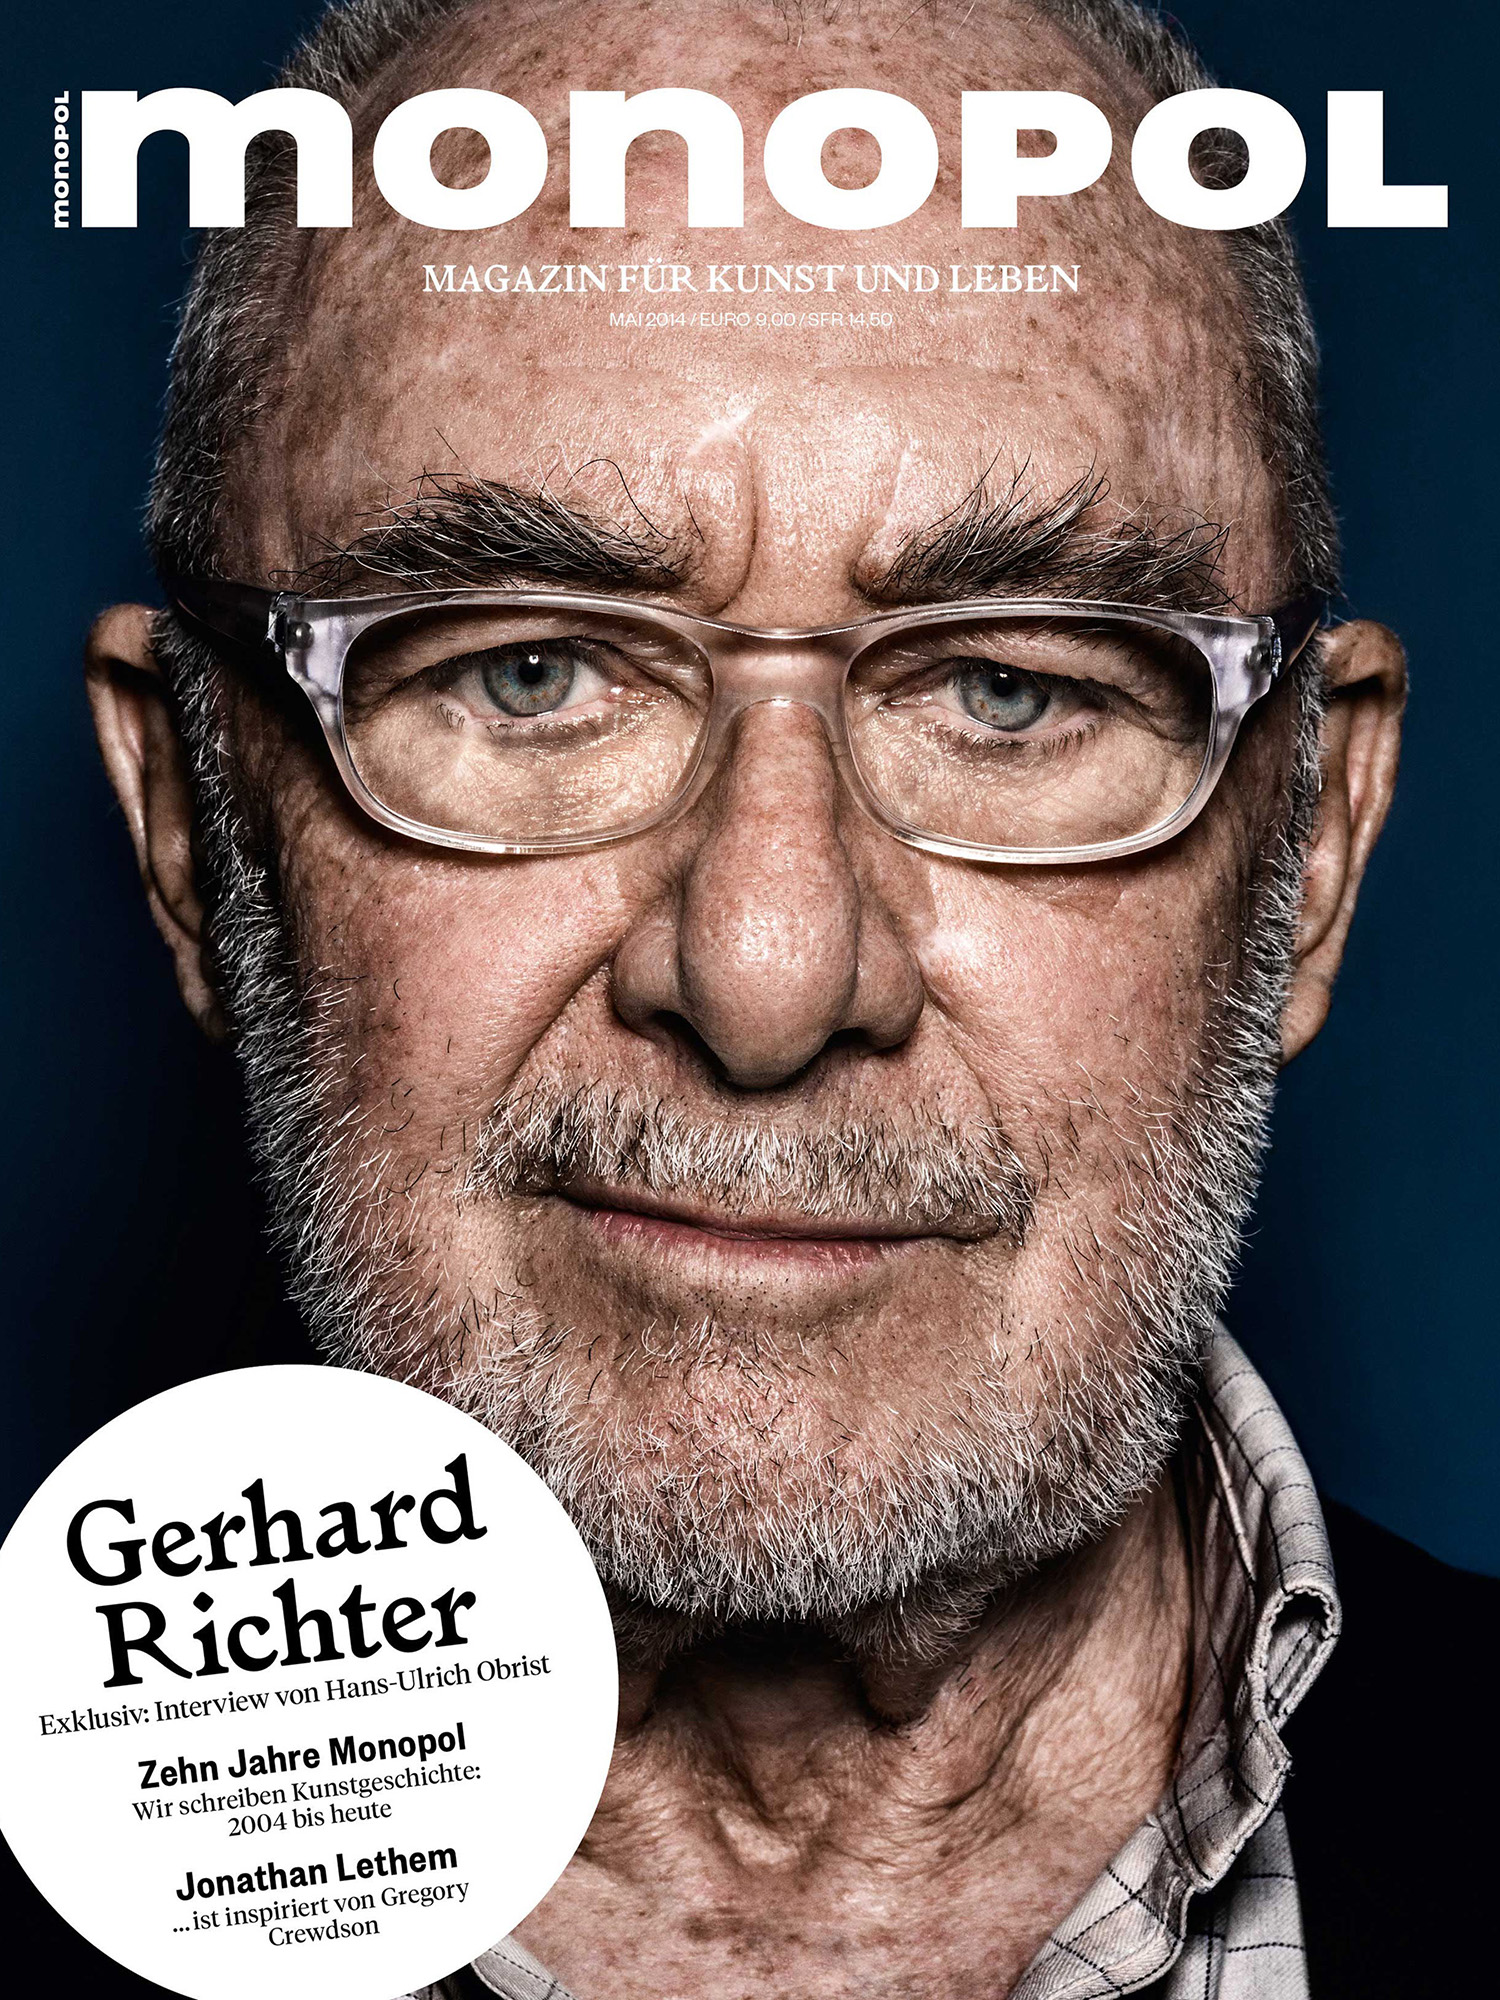 Gerhard Richter | monopol | Photographer Till Janz